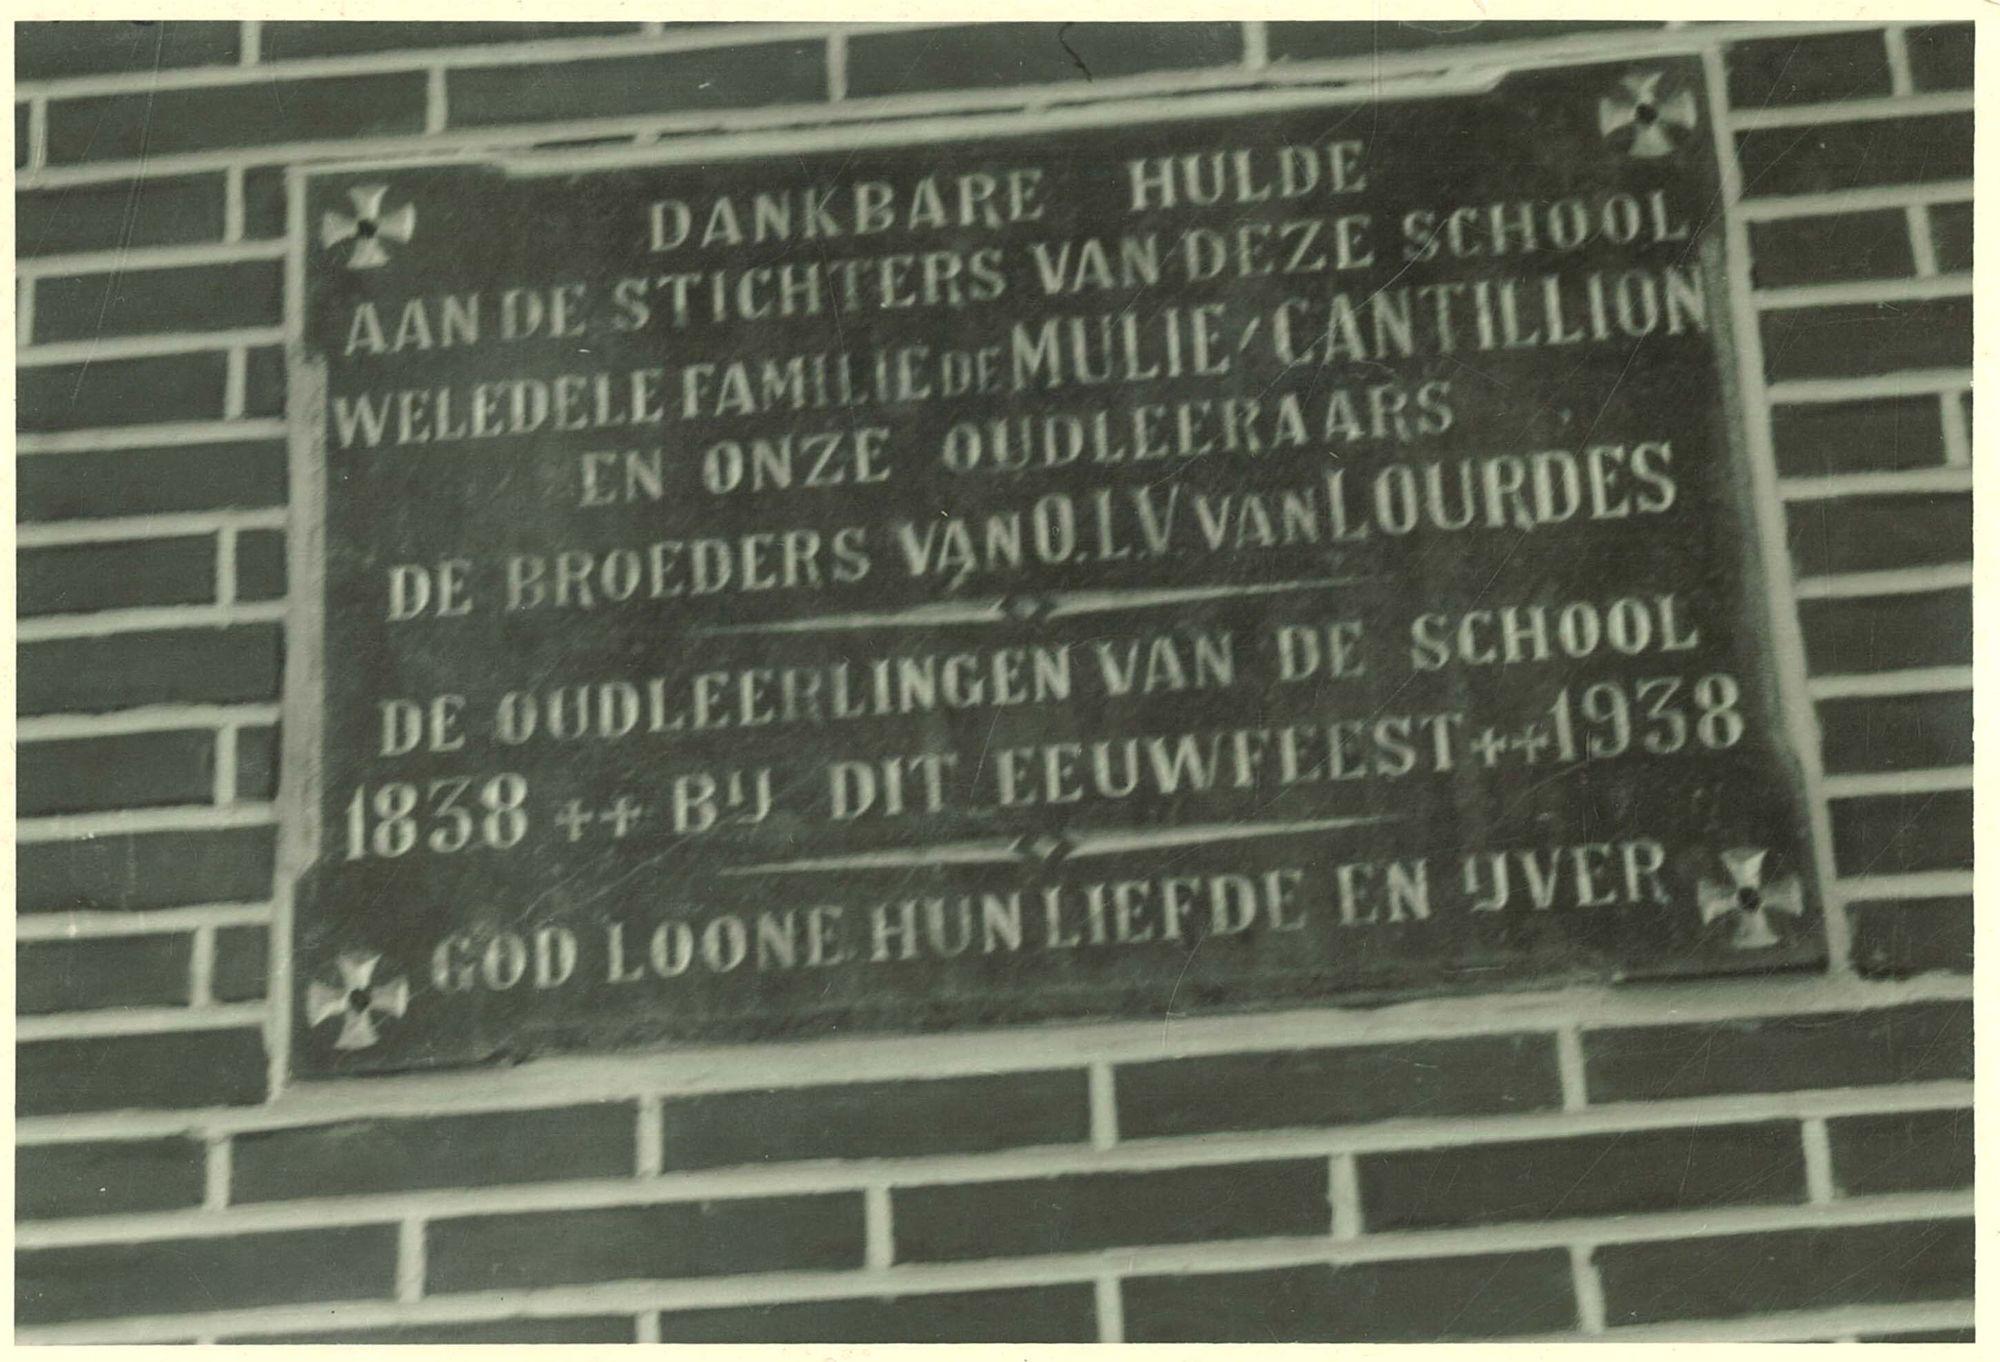 Gedenksteen eeuwfeest 1938 Broederschool Overleie